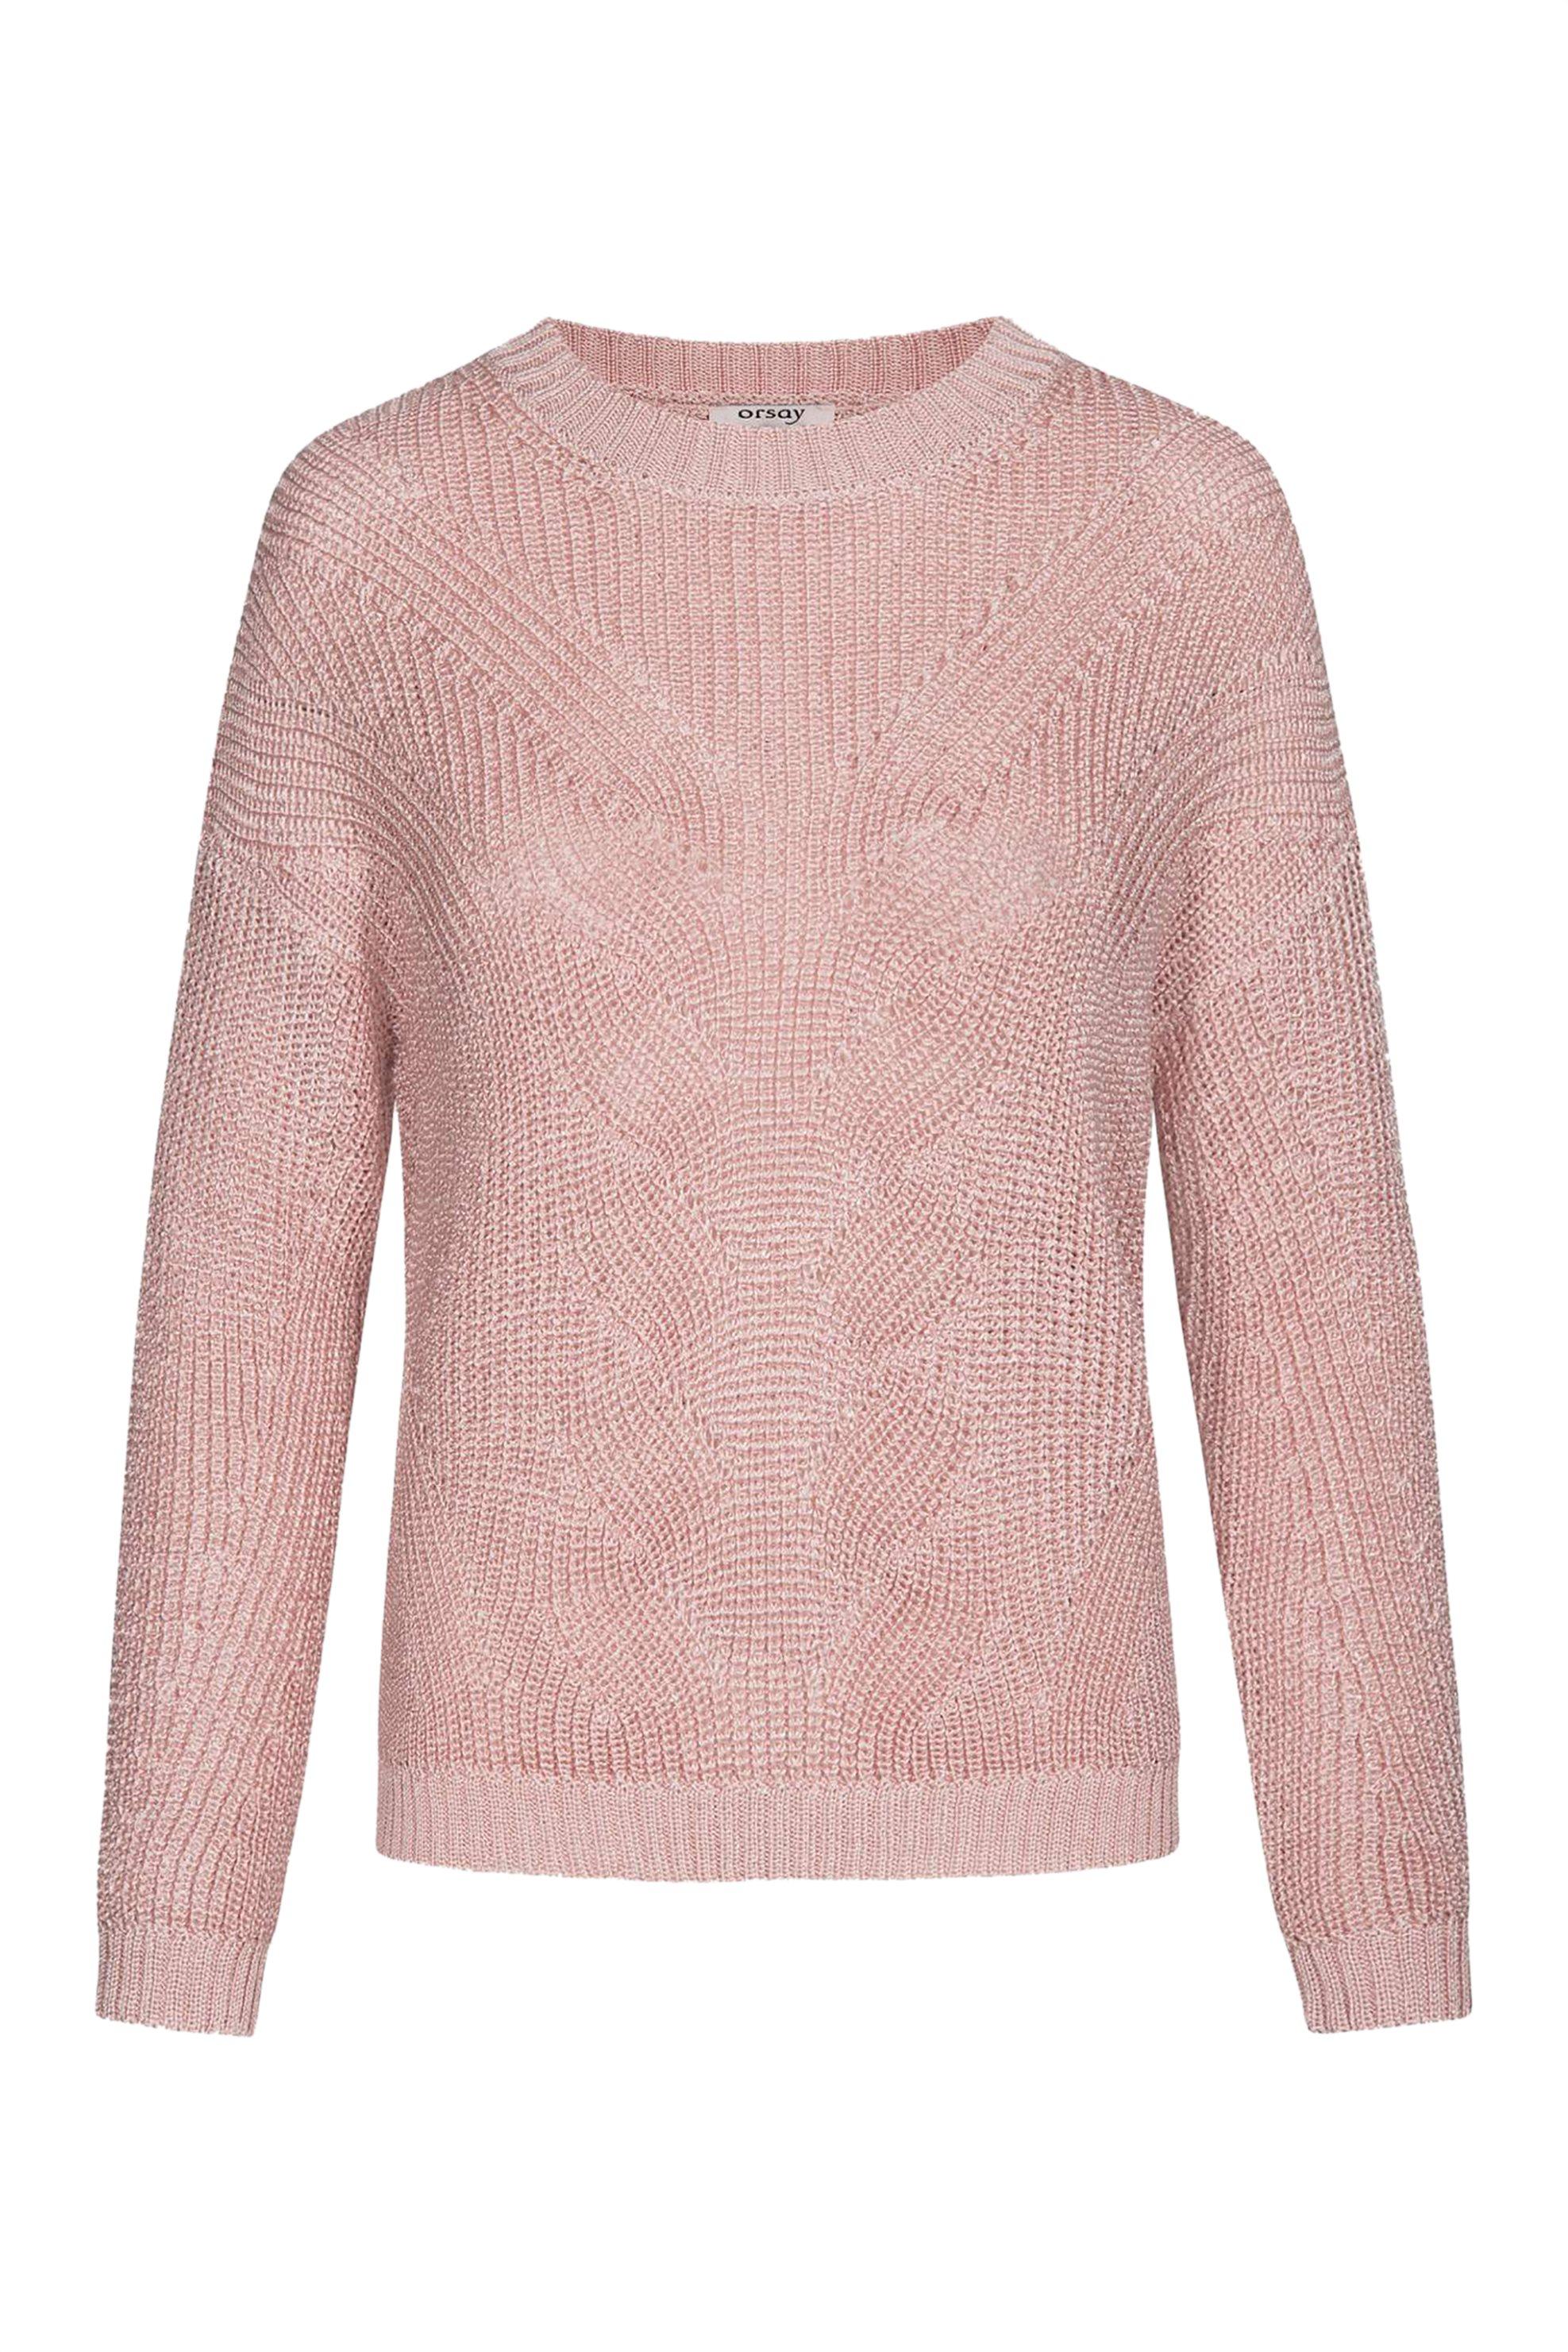 Orsay γυναικεία πλεκτή μπλούζα με σχέδιο - 501978-232000 - Ροζ γυναικα   ρουχα   πλεκτά   πουλόβερ